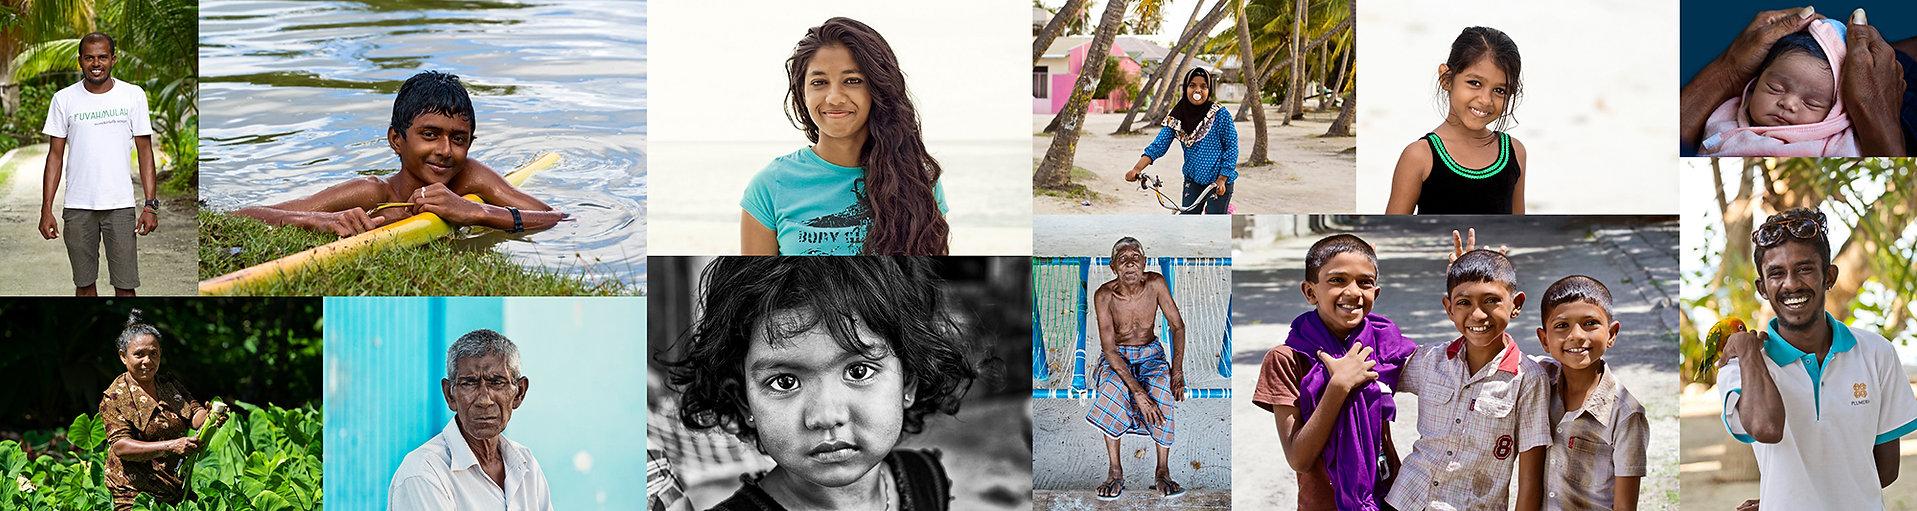 Maledivy obyvatelstvo a kultura